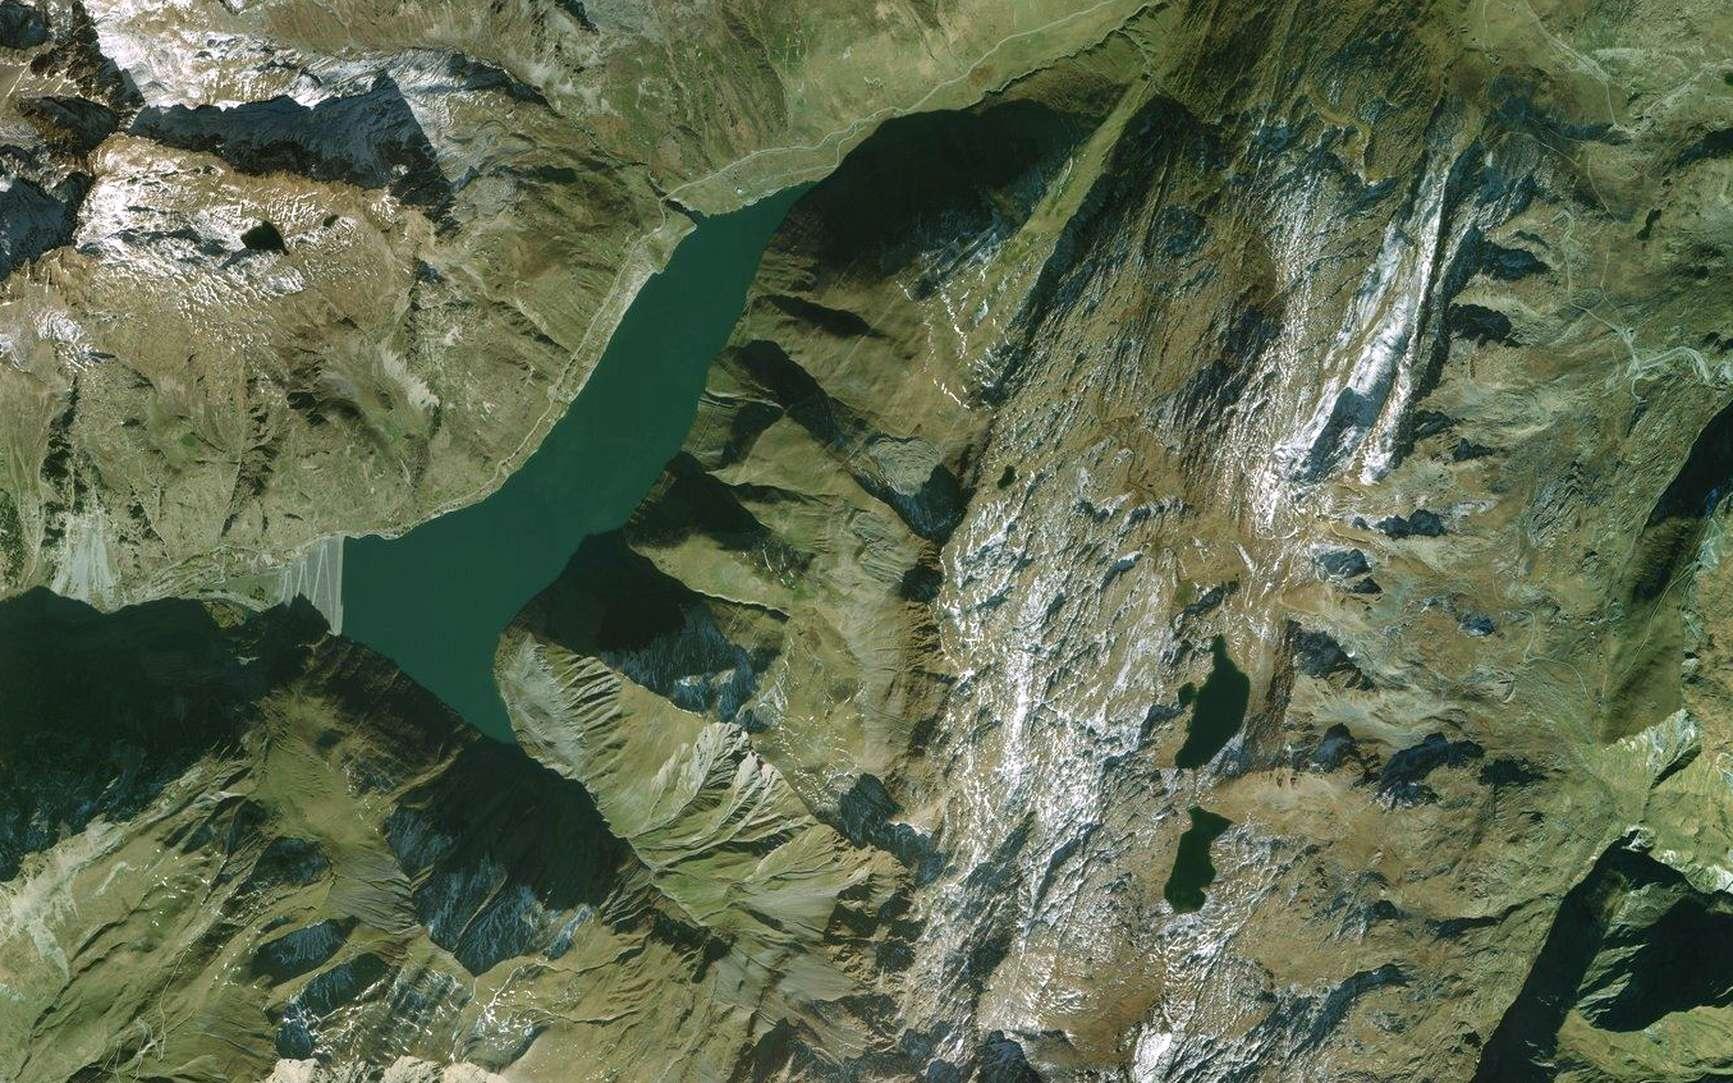 La station de transfert d'énergie par pompage de Grand'Maison en Isère, avec ses deux retenues d'eau. © Bing Maps